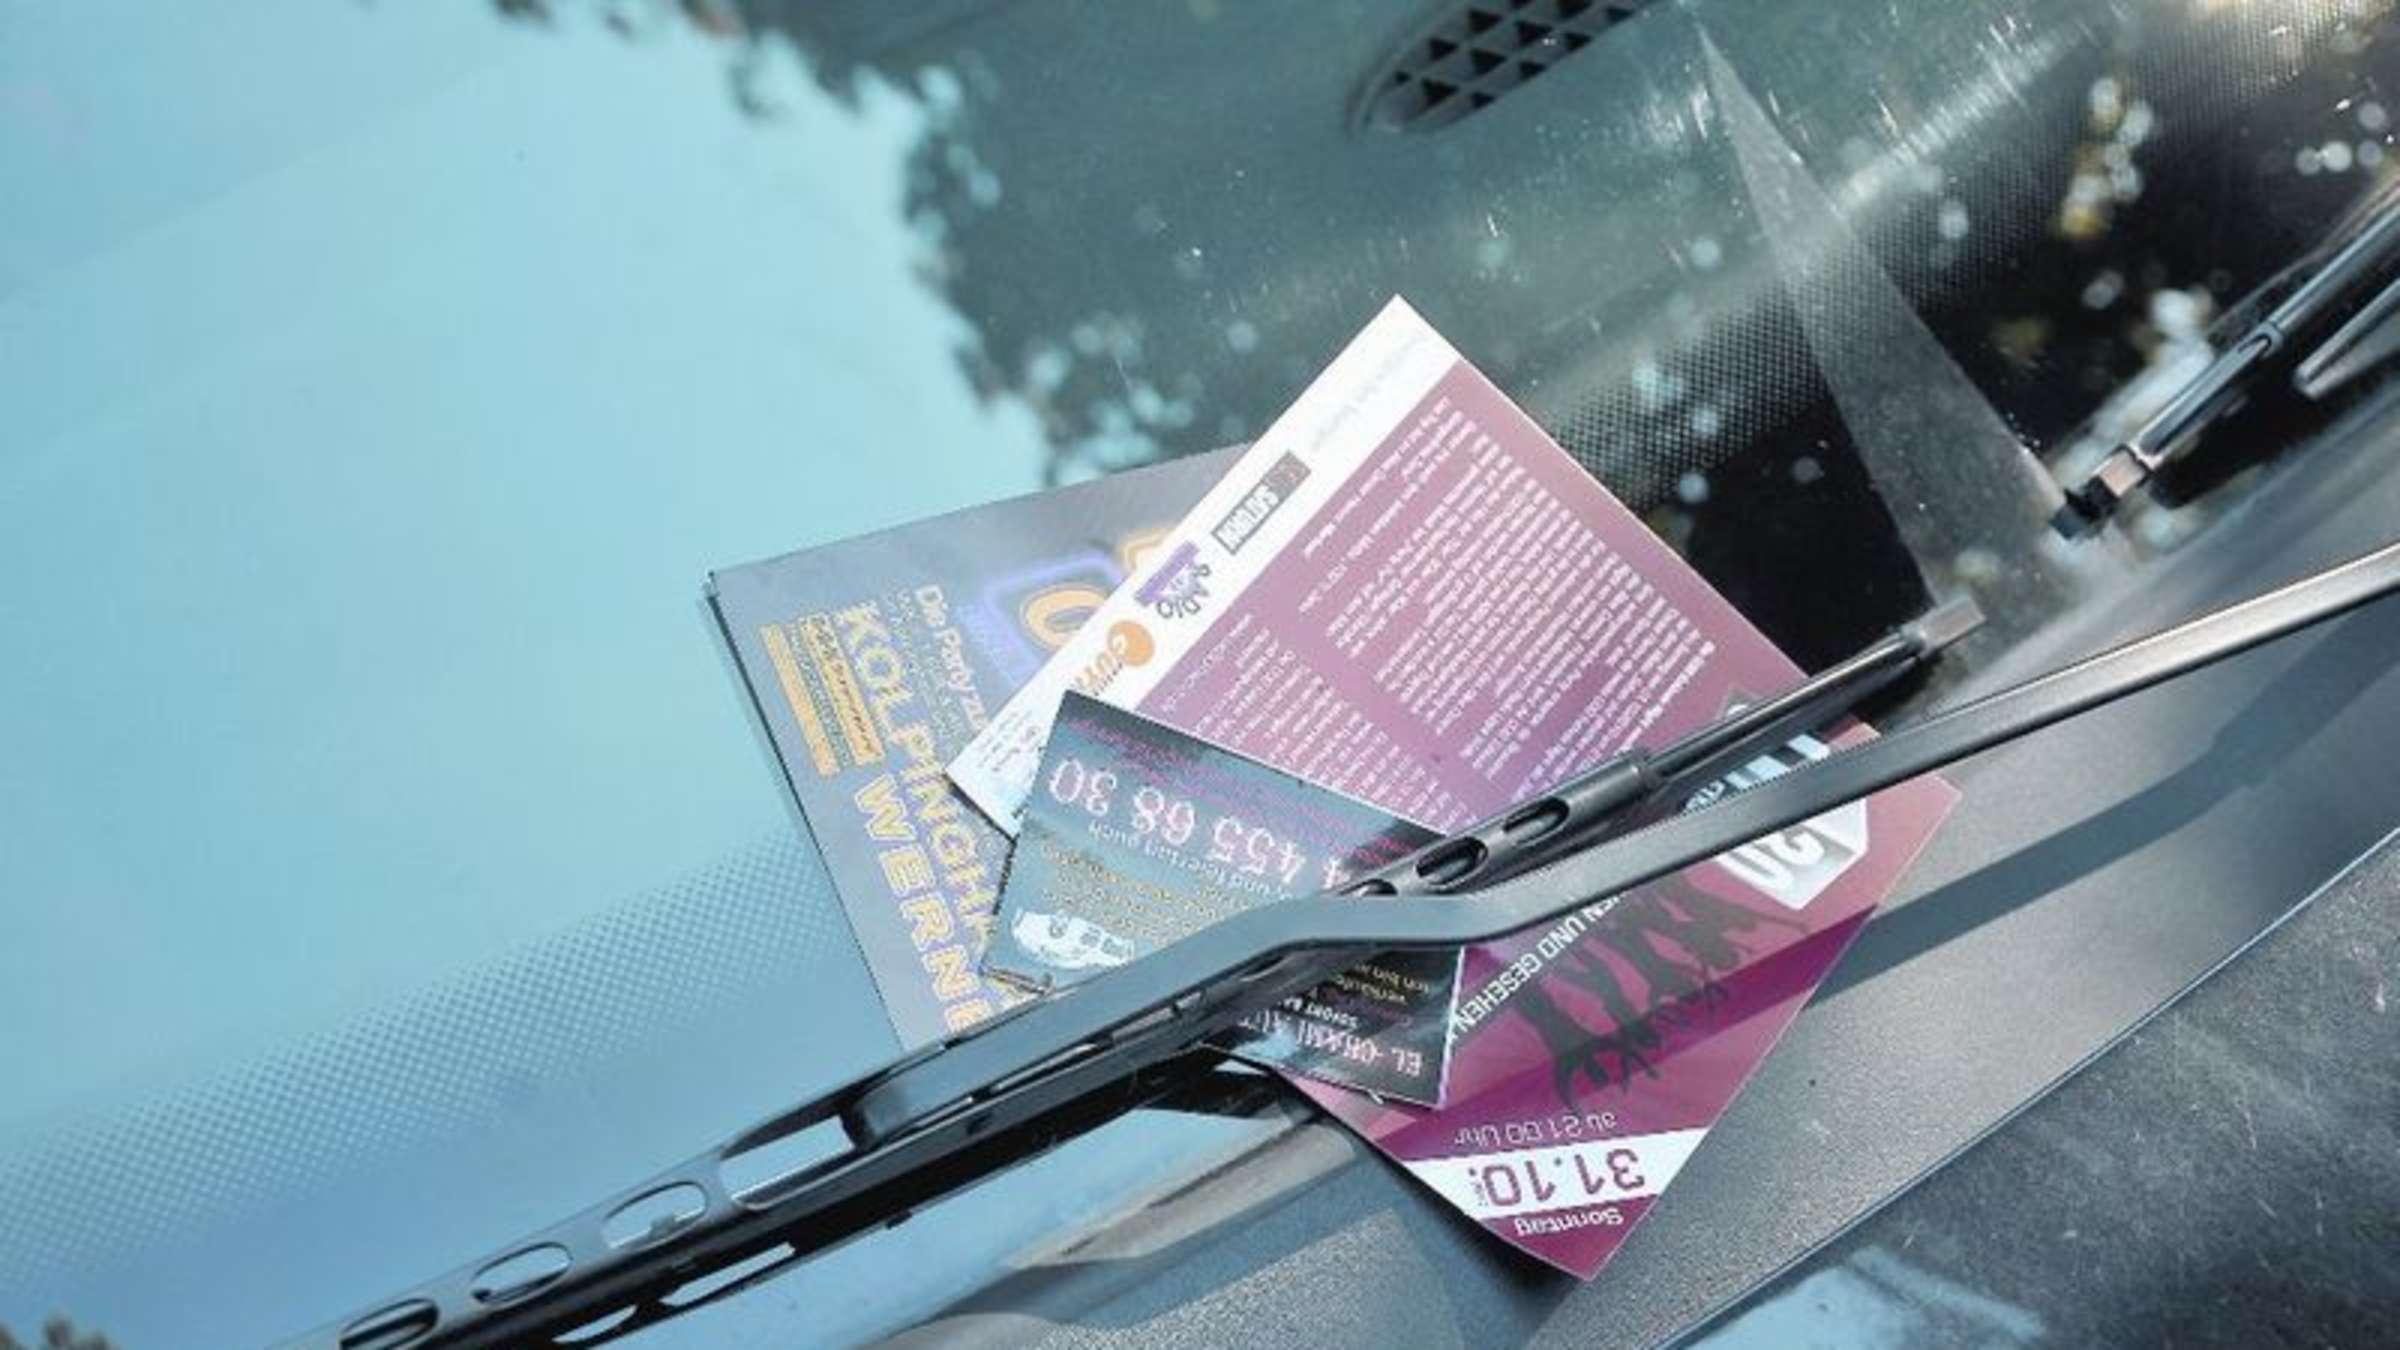 Reklame Darf Nur Mit Zustimmung Des Ordnungsamtes An Autos